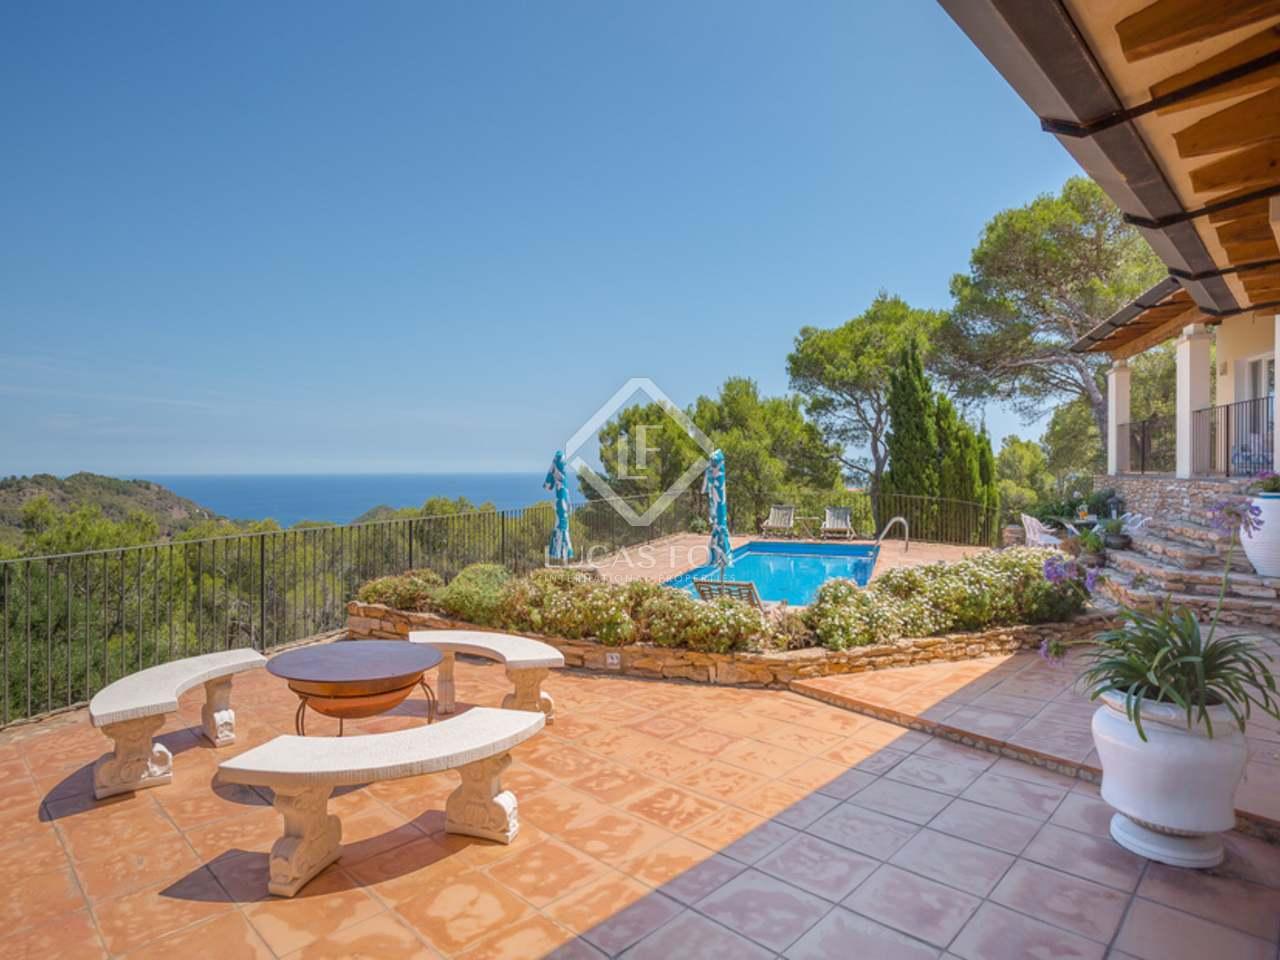 Casa en venta en begur costa brava vistas al mar y piscina - Apartamentos en costa brava ...